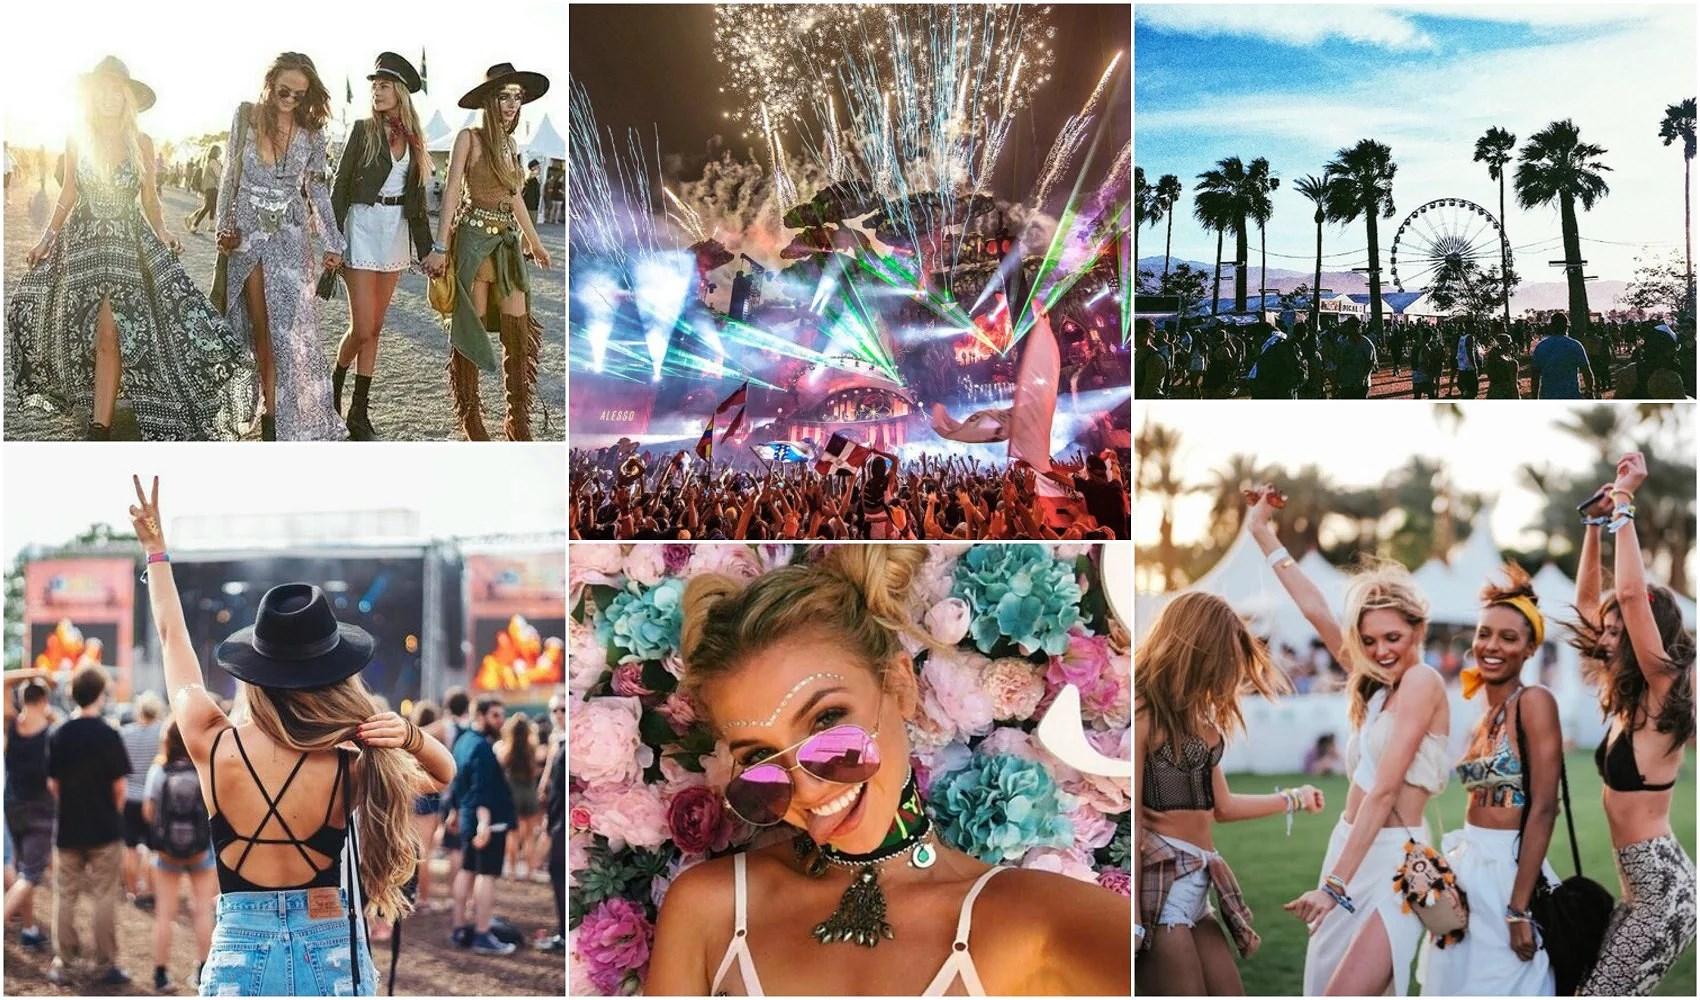 Hur mycket kostar det att gå på festival?